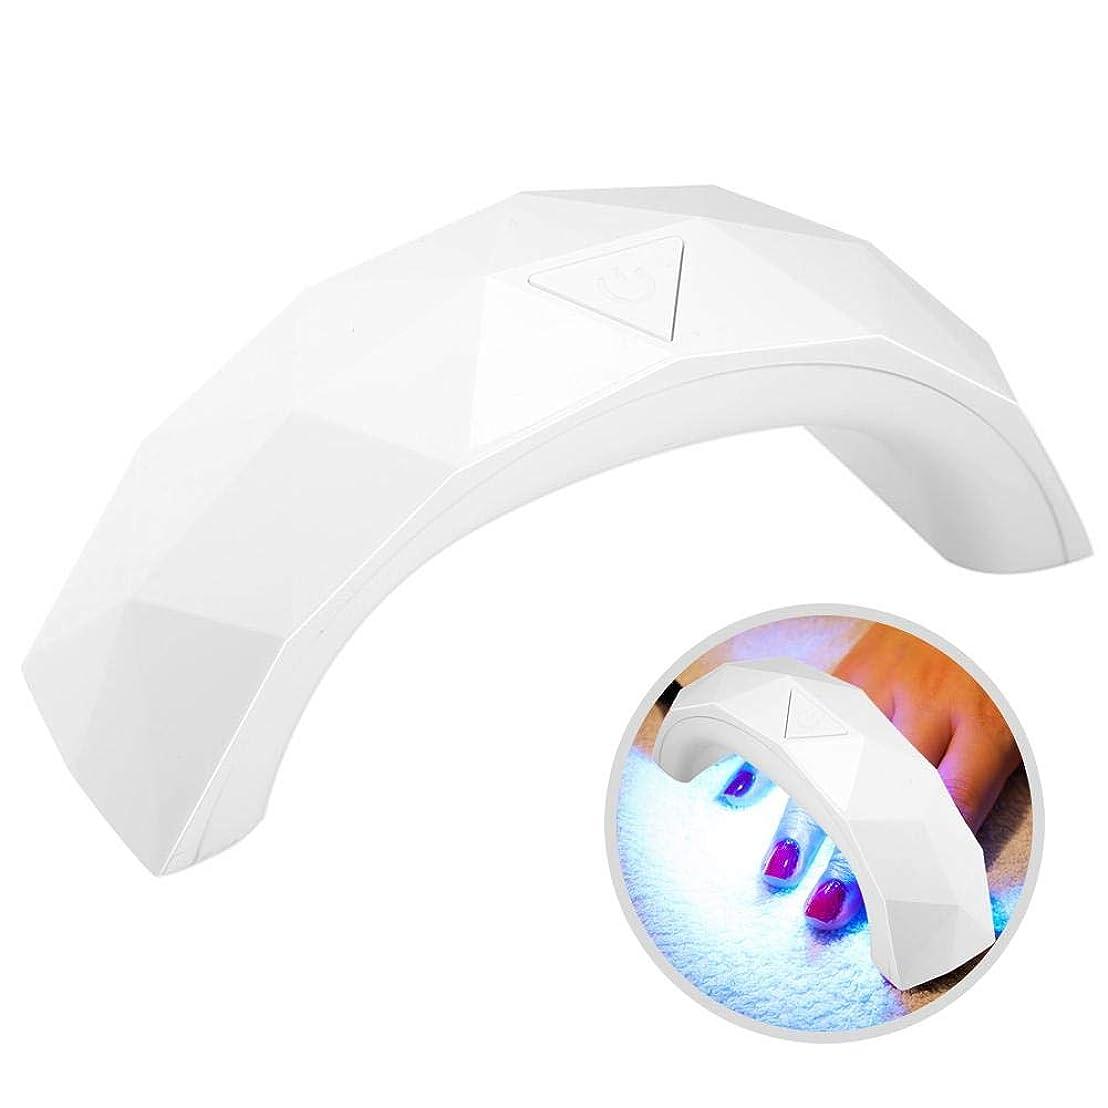 犬しなやか夜LEDネイルライト,ネイルドライヤー60 sタイミング紫外線ジェルネイルポリッシュドライ硬化マニキュアusbネイルポリッシュドライヤー